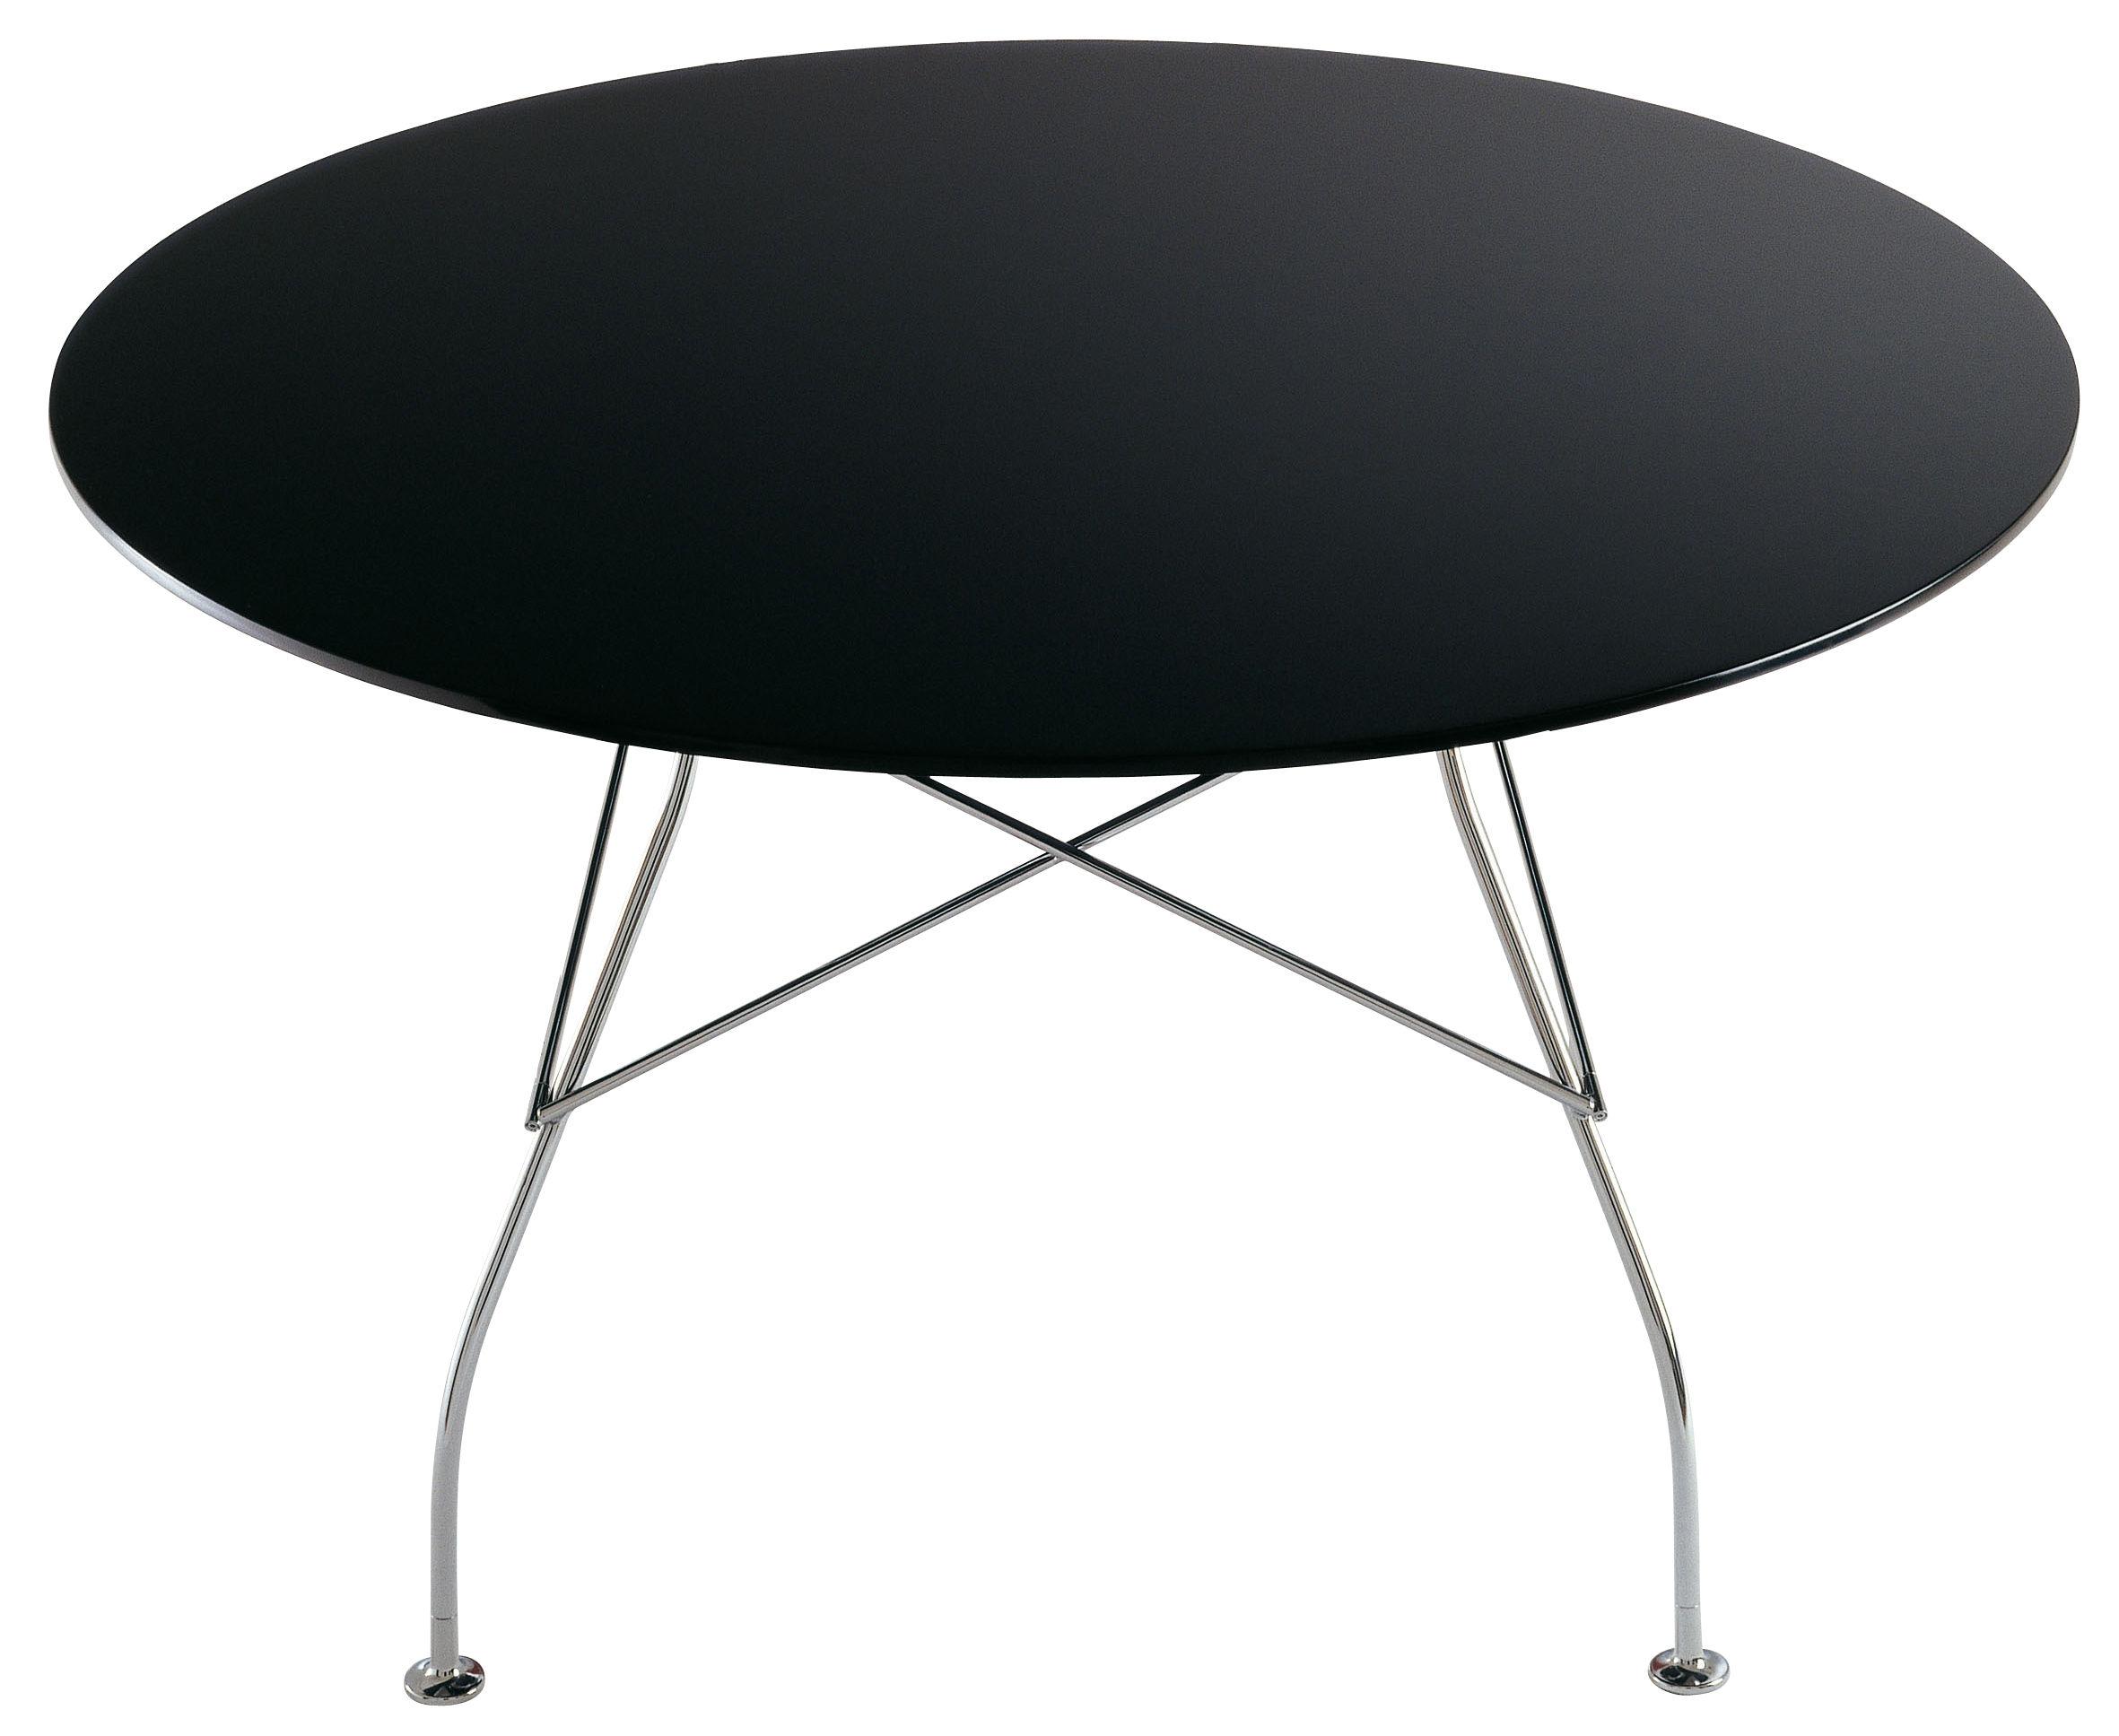 Mobilier - Tables - Table ronde Glossy / Ø 130 cm - MDF laqué - Kartell - Noir / Pied chromé - Acier chromé, MDF laqué